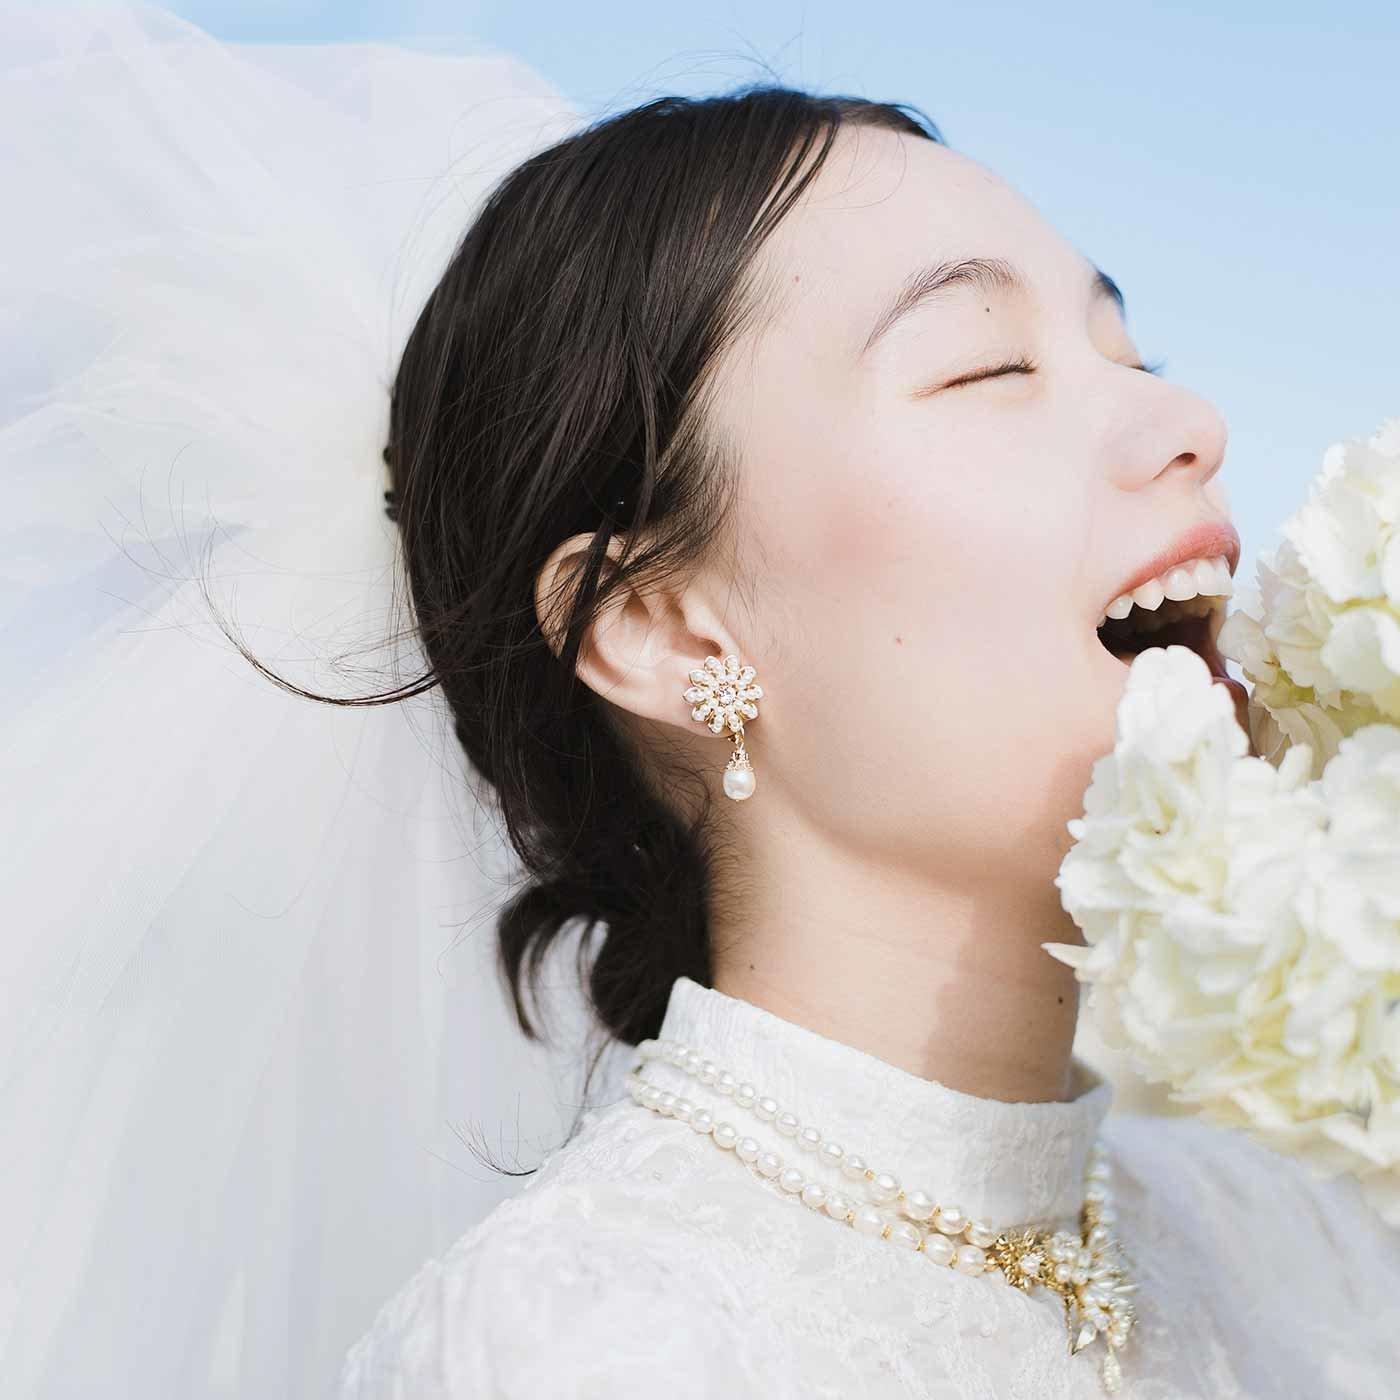 純白が美しい ボタニカルモチーフのネックレス&イヤアクセセット